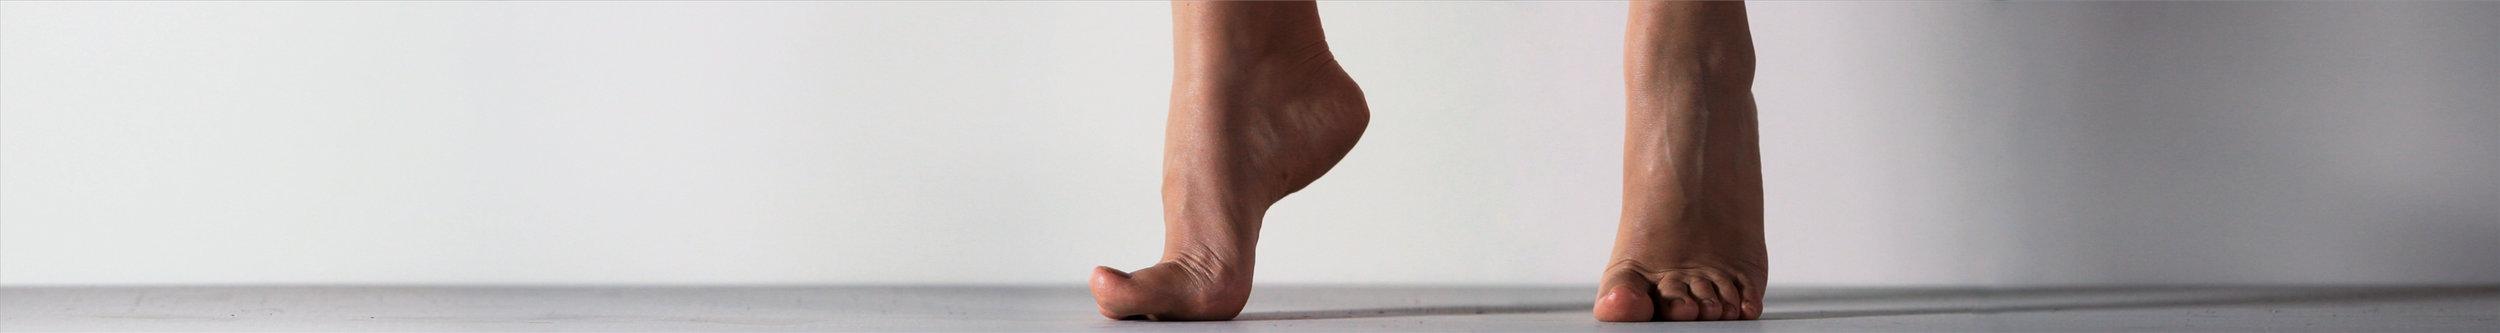 Sanchez, Casilda_Quisiera_feet_02.jpg